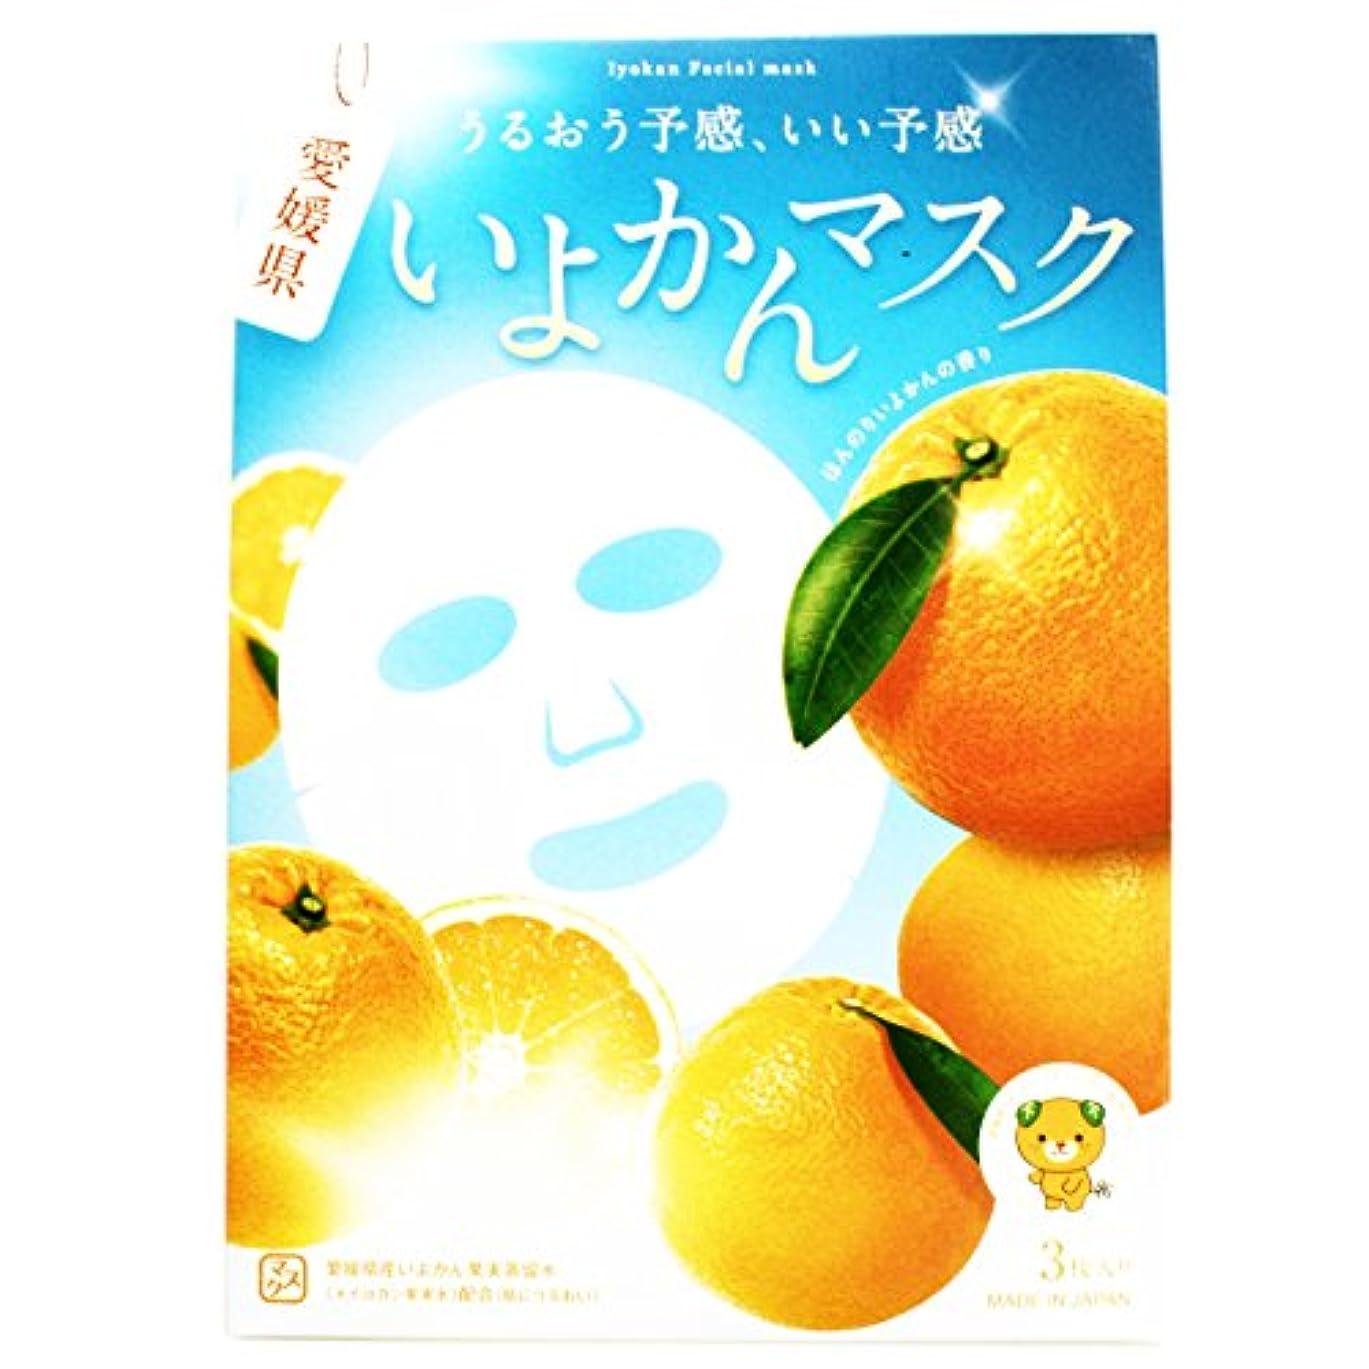 抑制パーチナシティ割る愛媛県 いよかんマスク 3枚入り